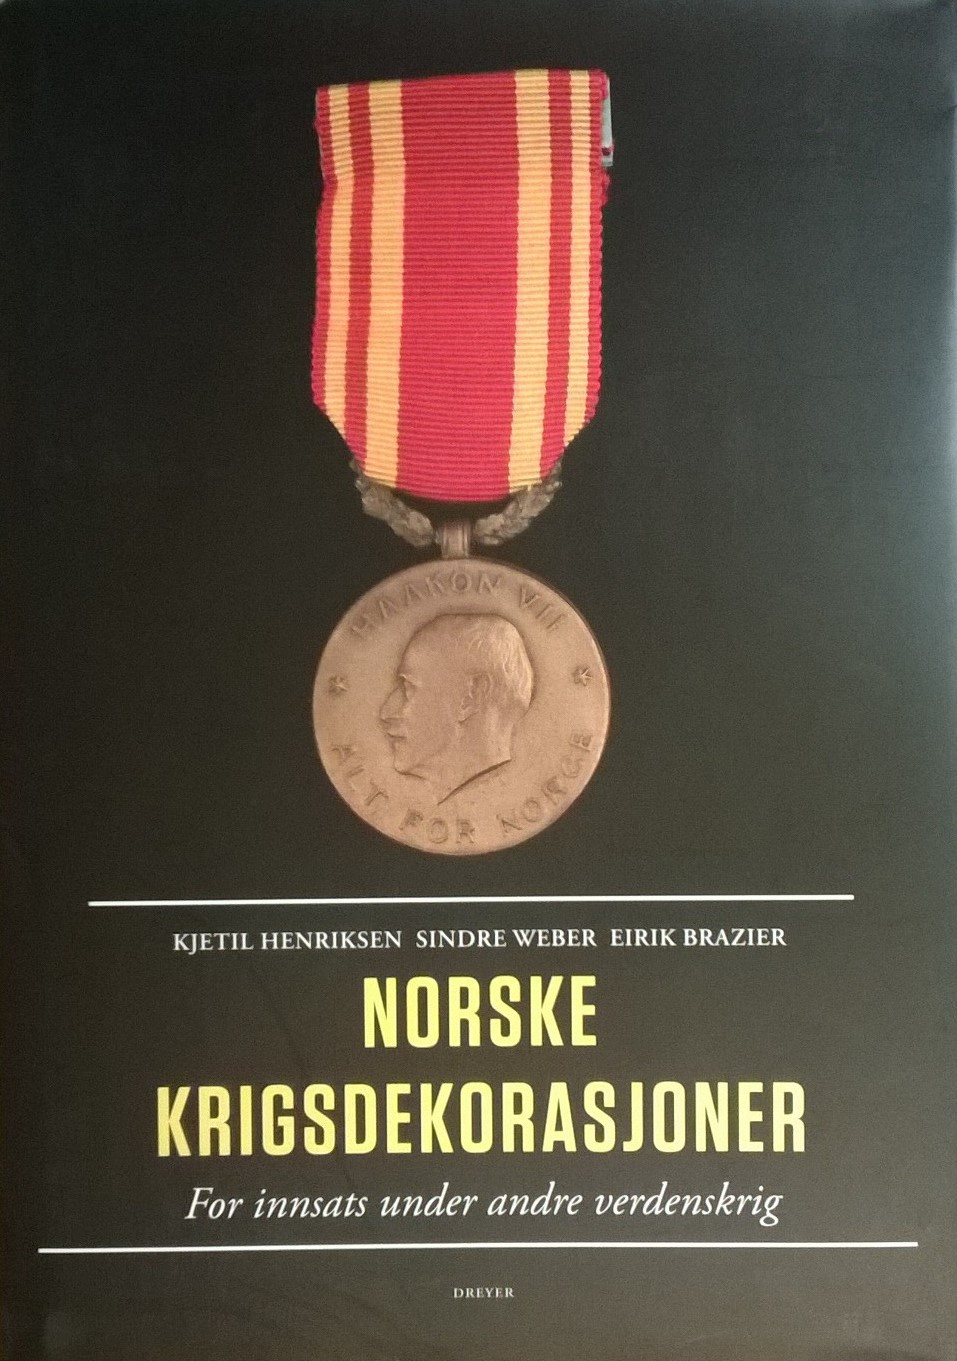 Henriksen, Kjetil, Sindre Weber, Eirik Brazier Norske krigsdekorasjoner for innsats under andre verdenskrig